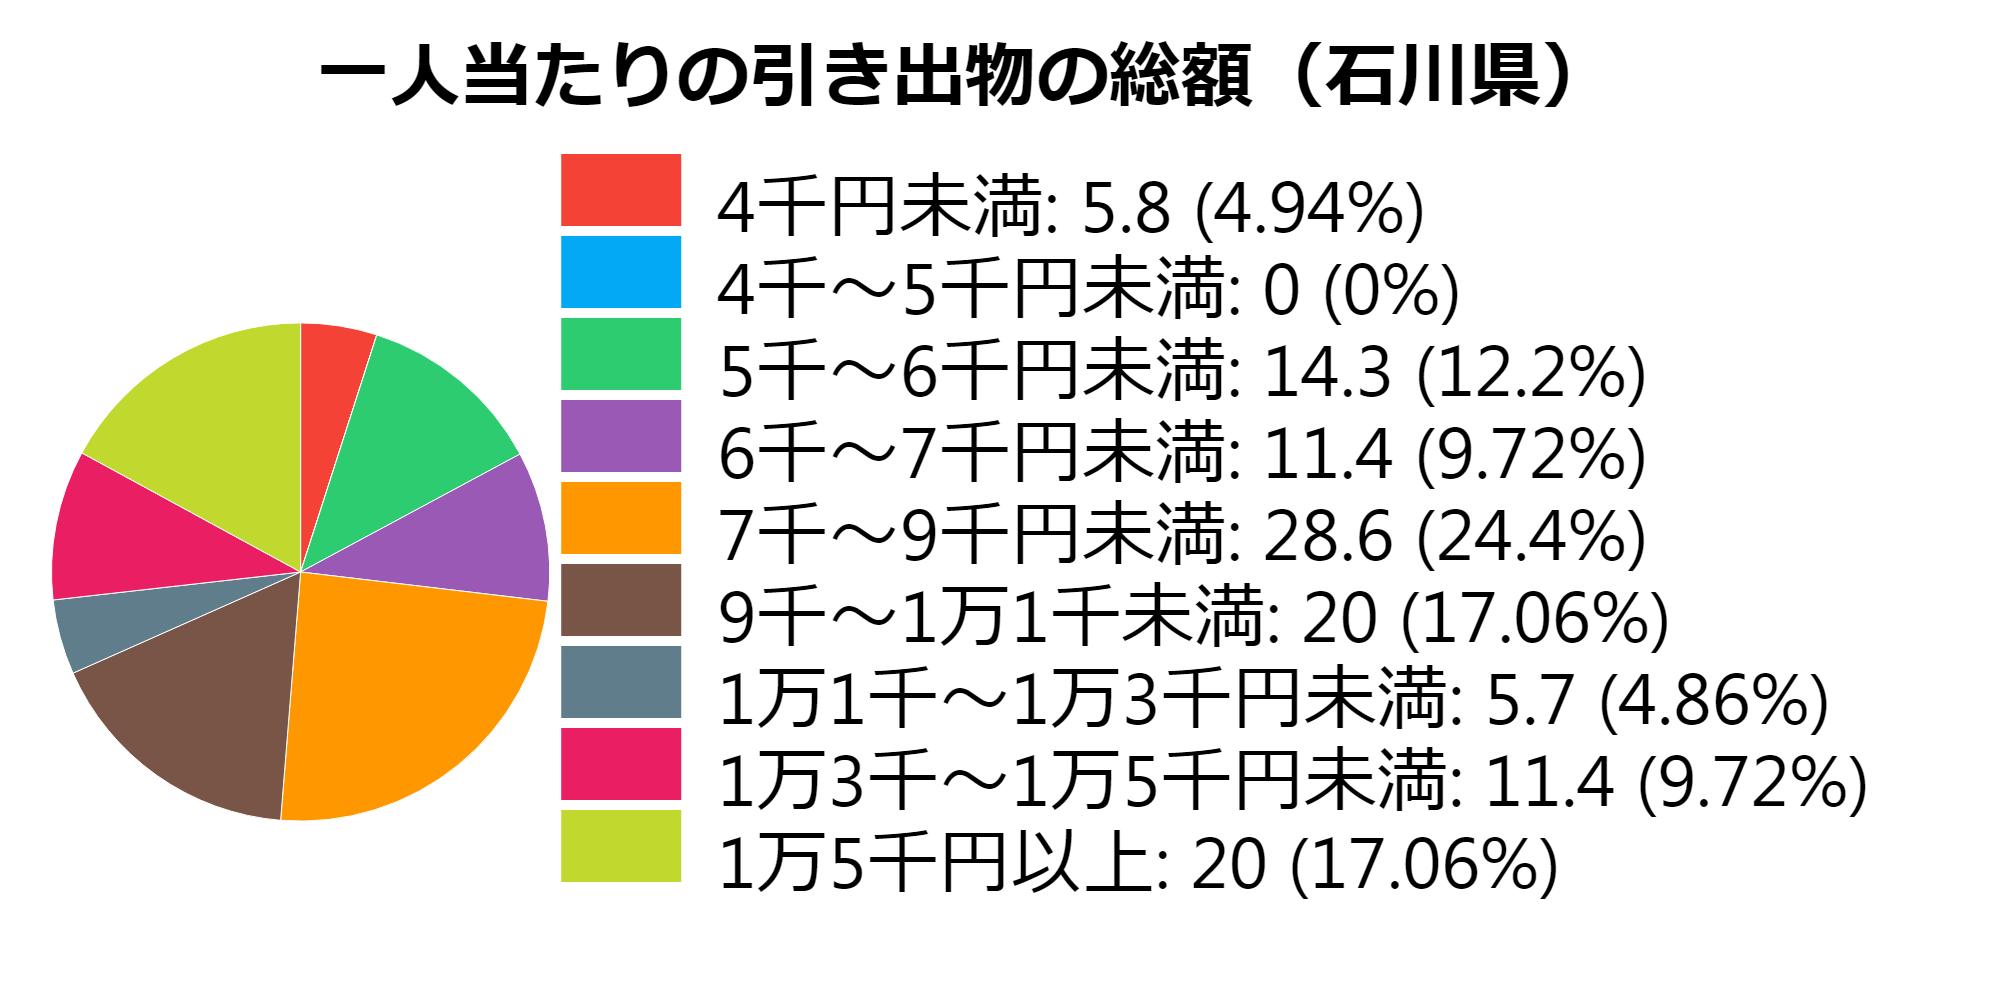 総額(石川県)